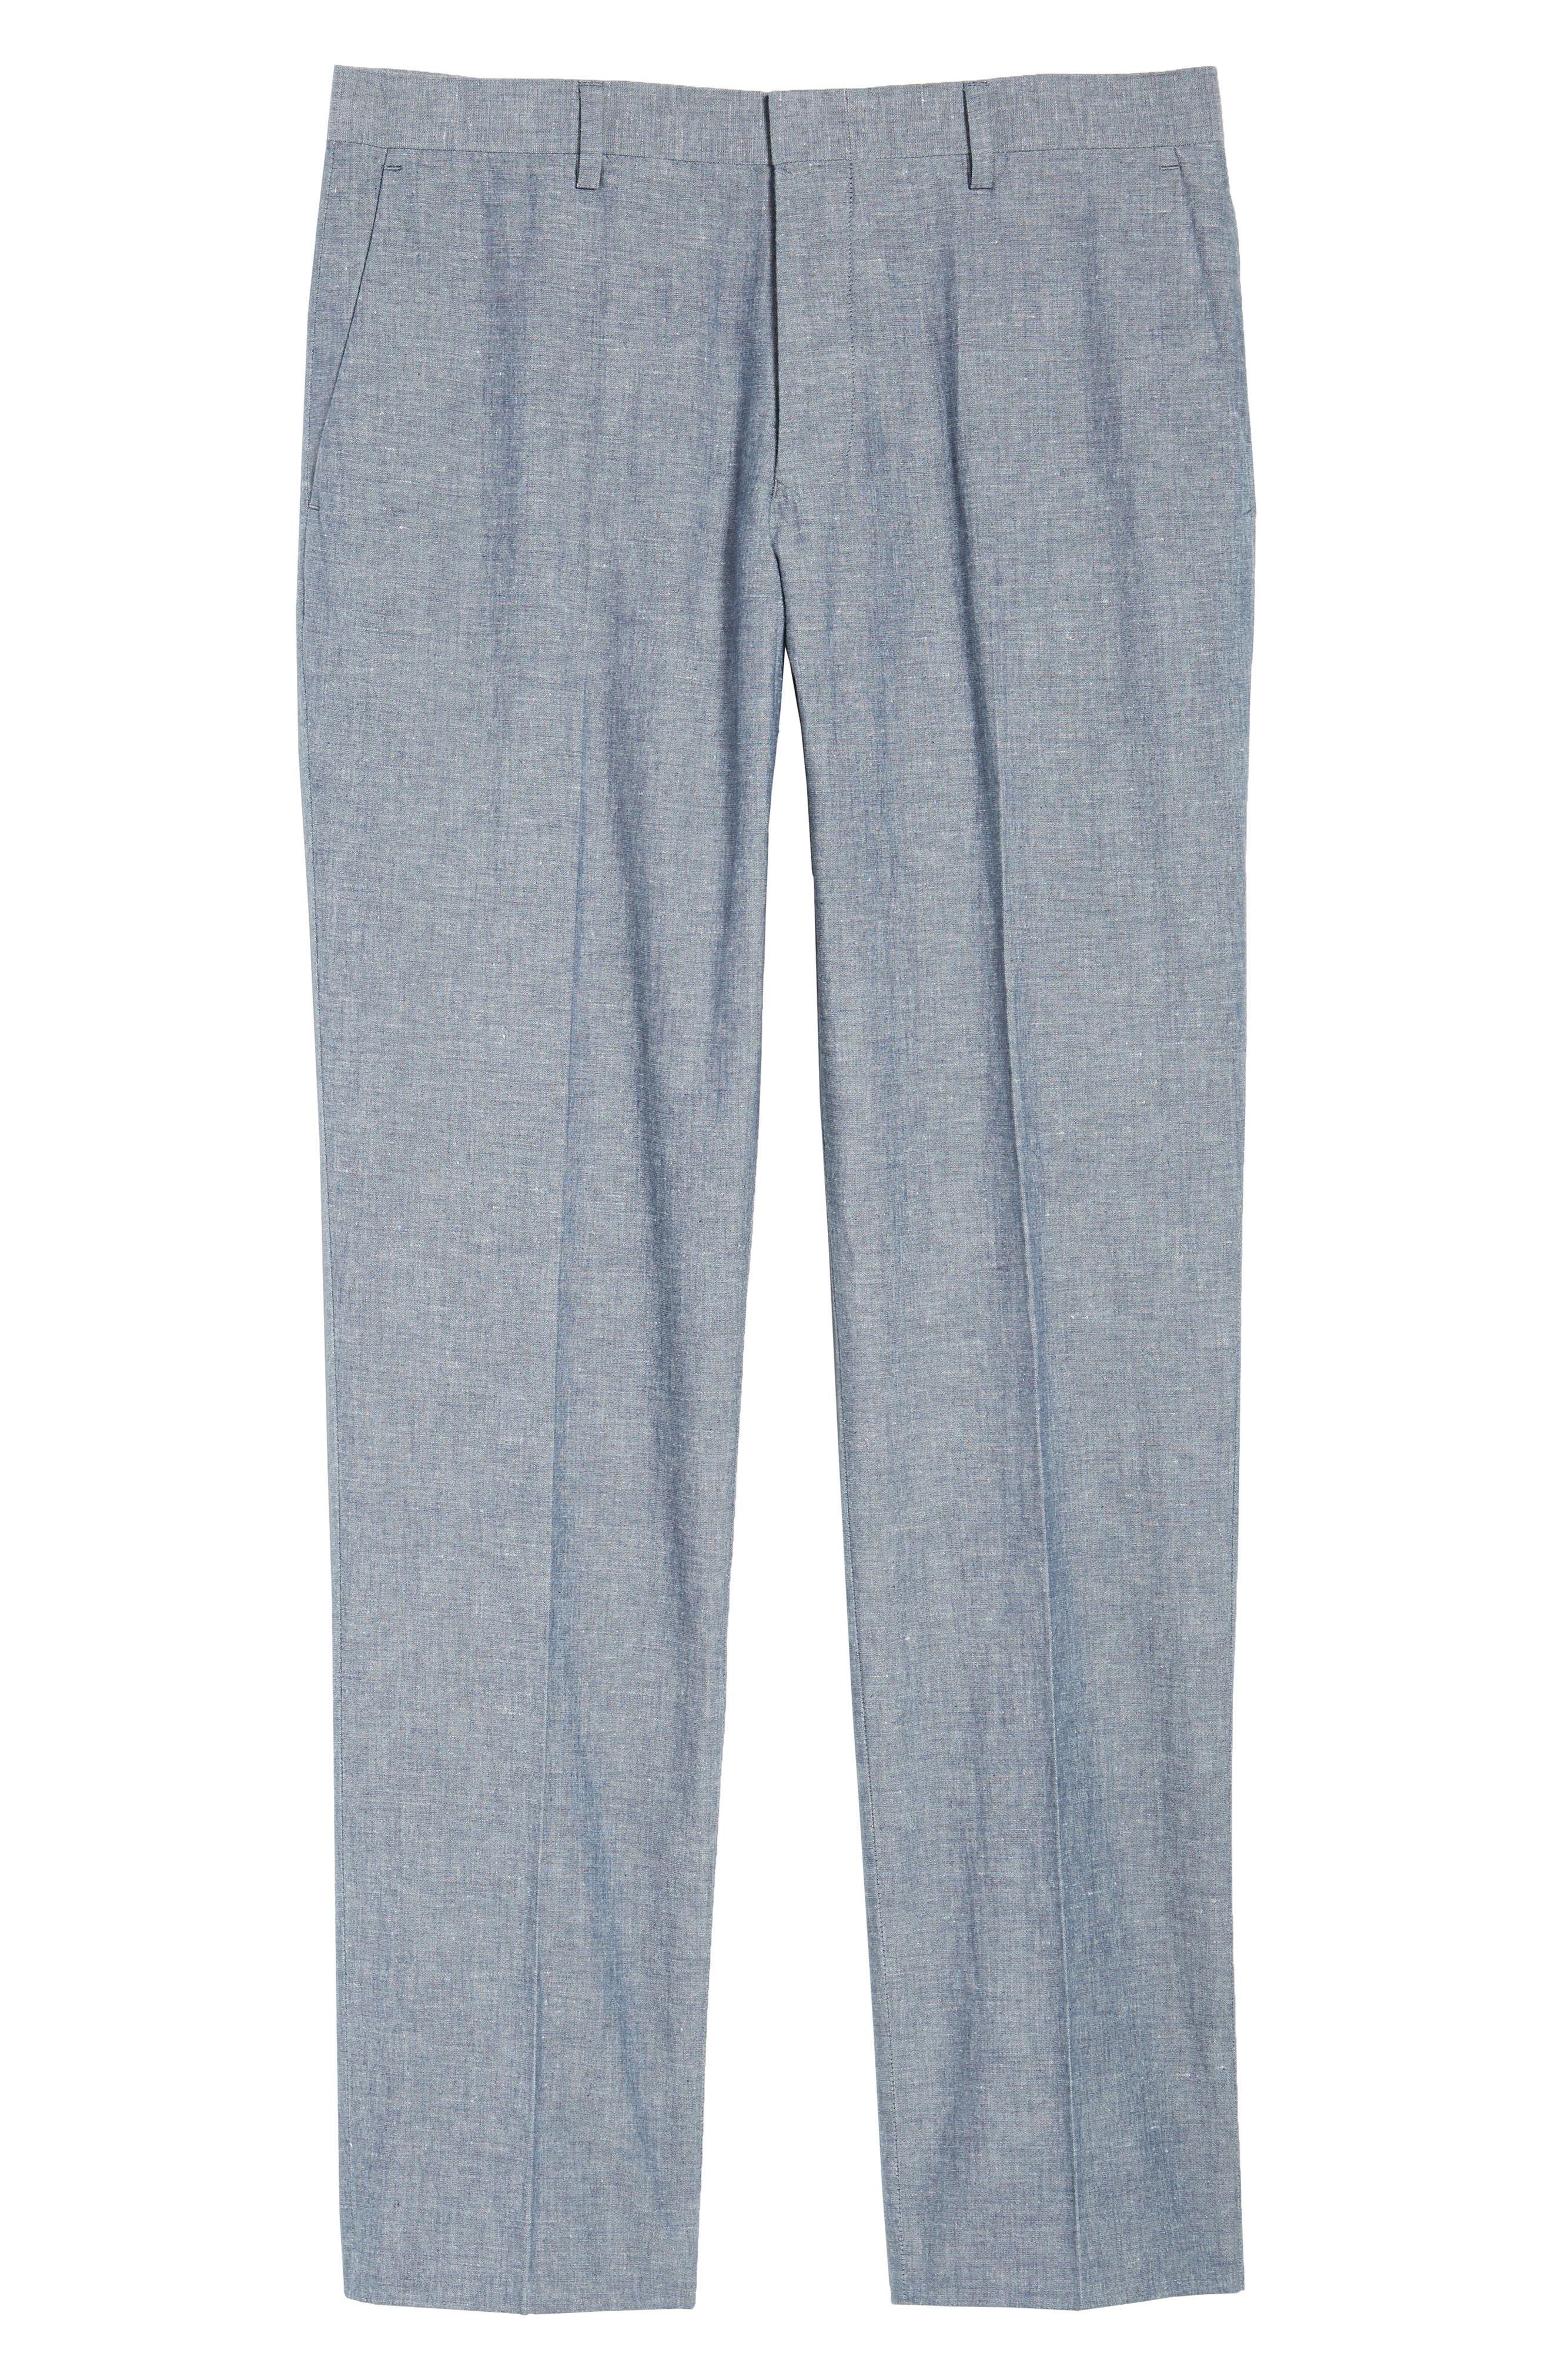 Ludlow Trim Fit Cotton & Linen Suit Pants,                             Alternate thumbnail 7, color,                             Deep Water Blue